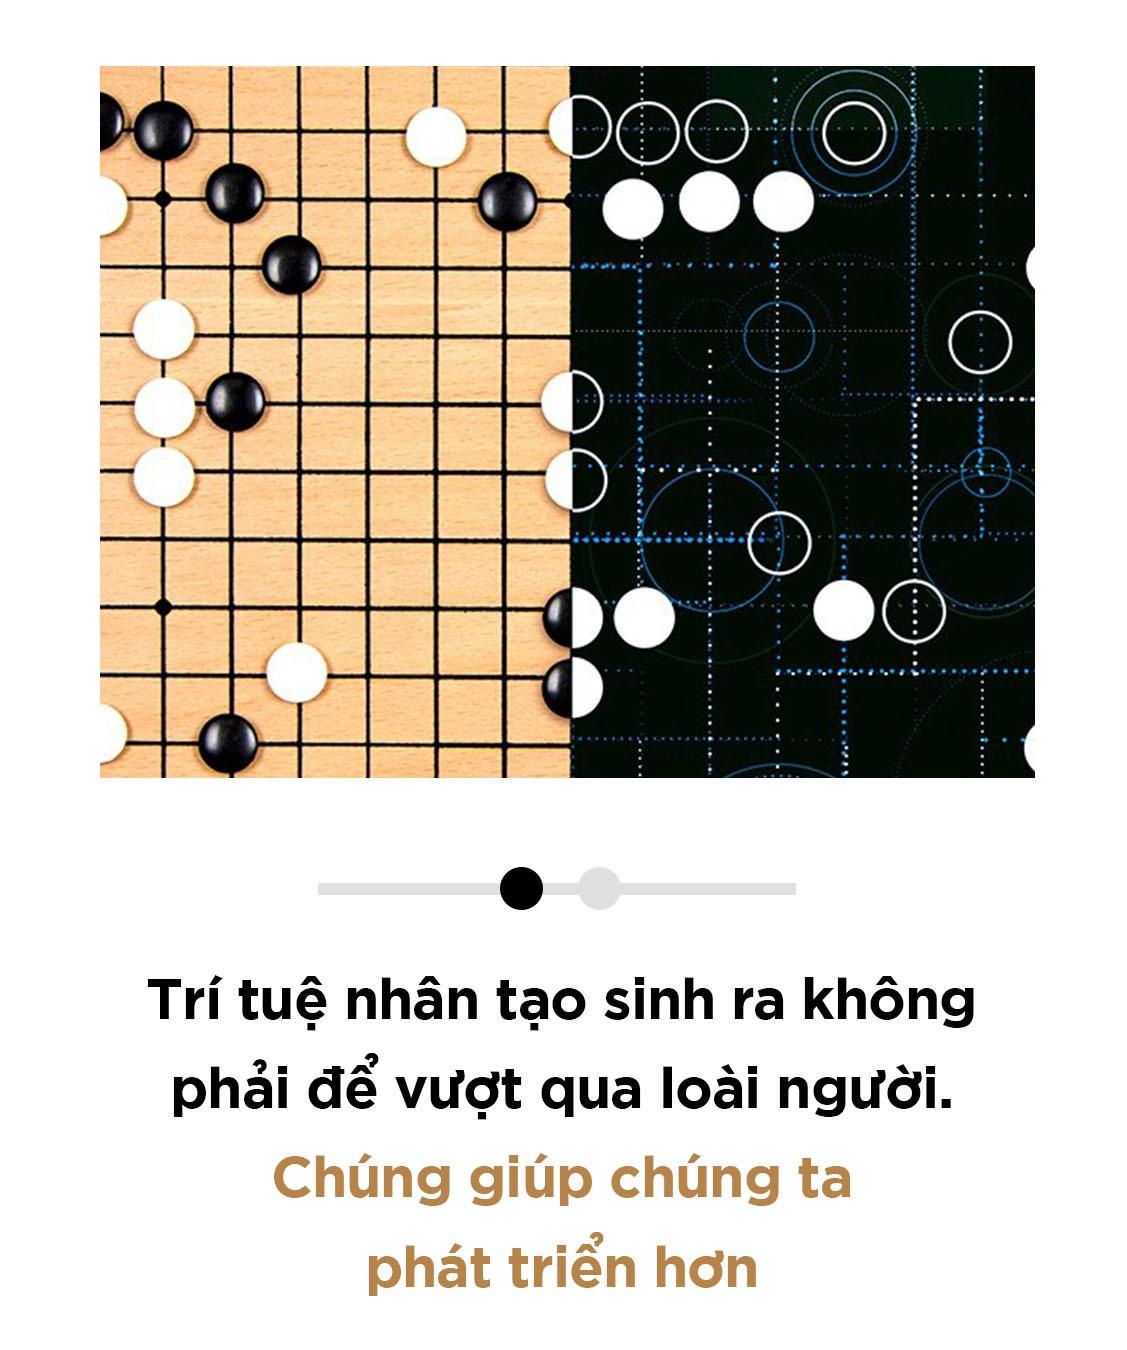 Loai nguoi hay tien len sau tran thua AlphaGo hinh anh 5